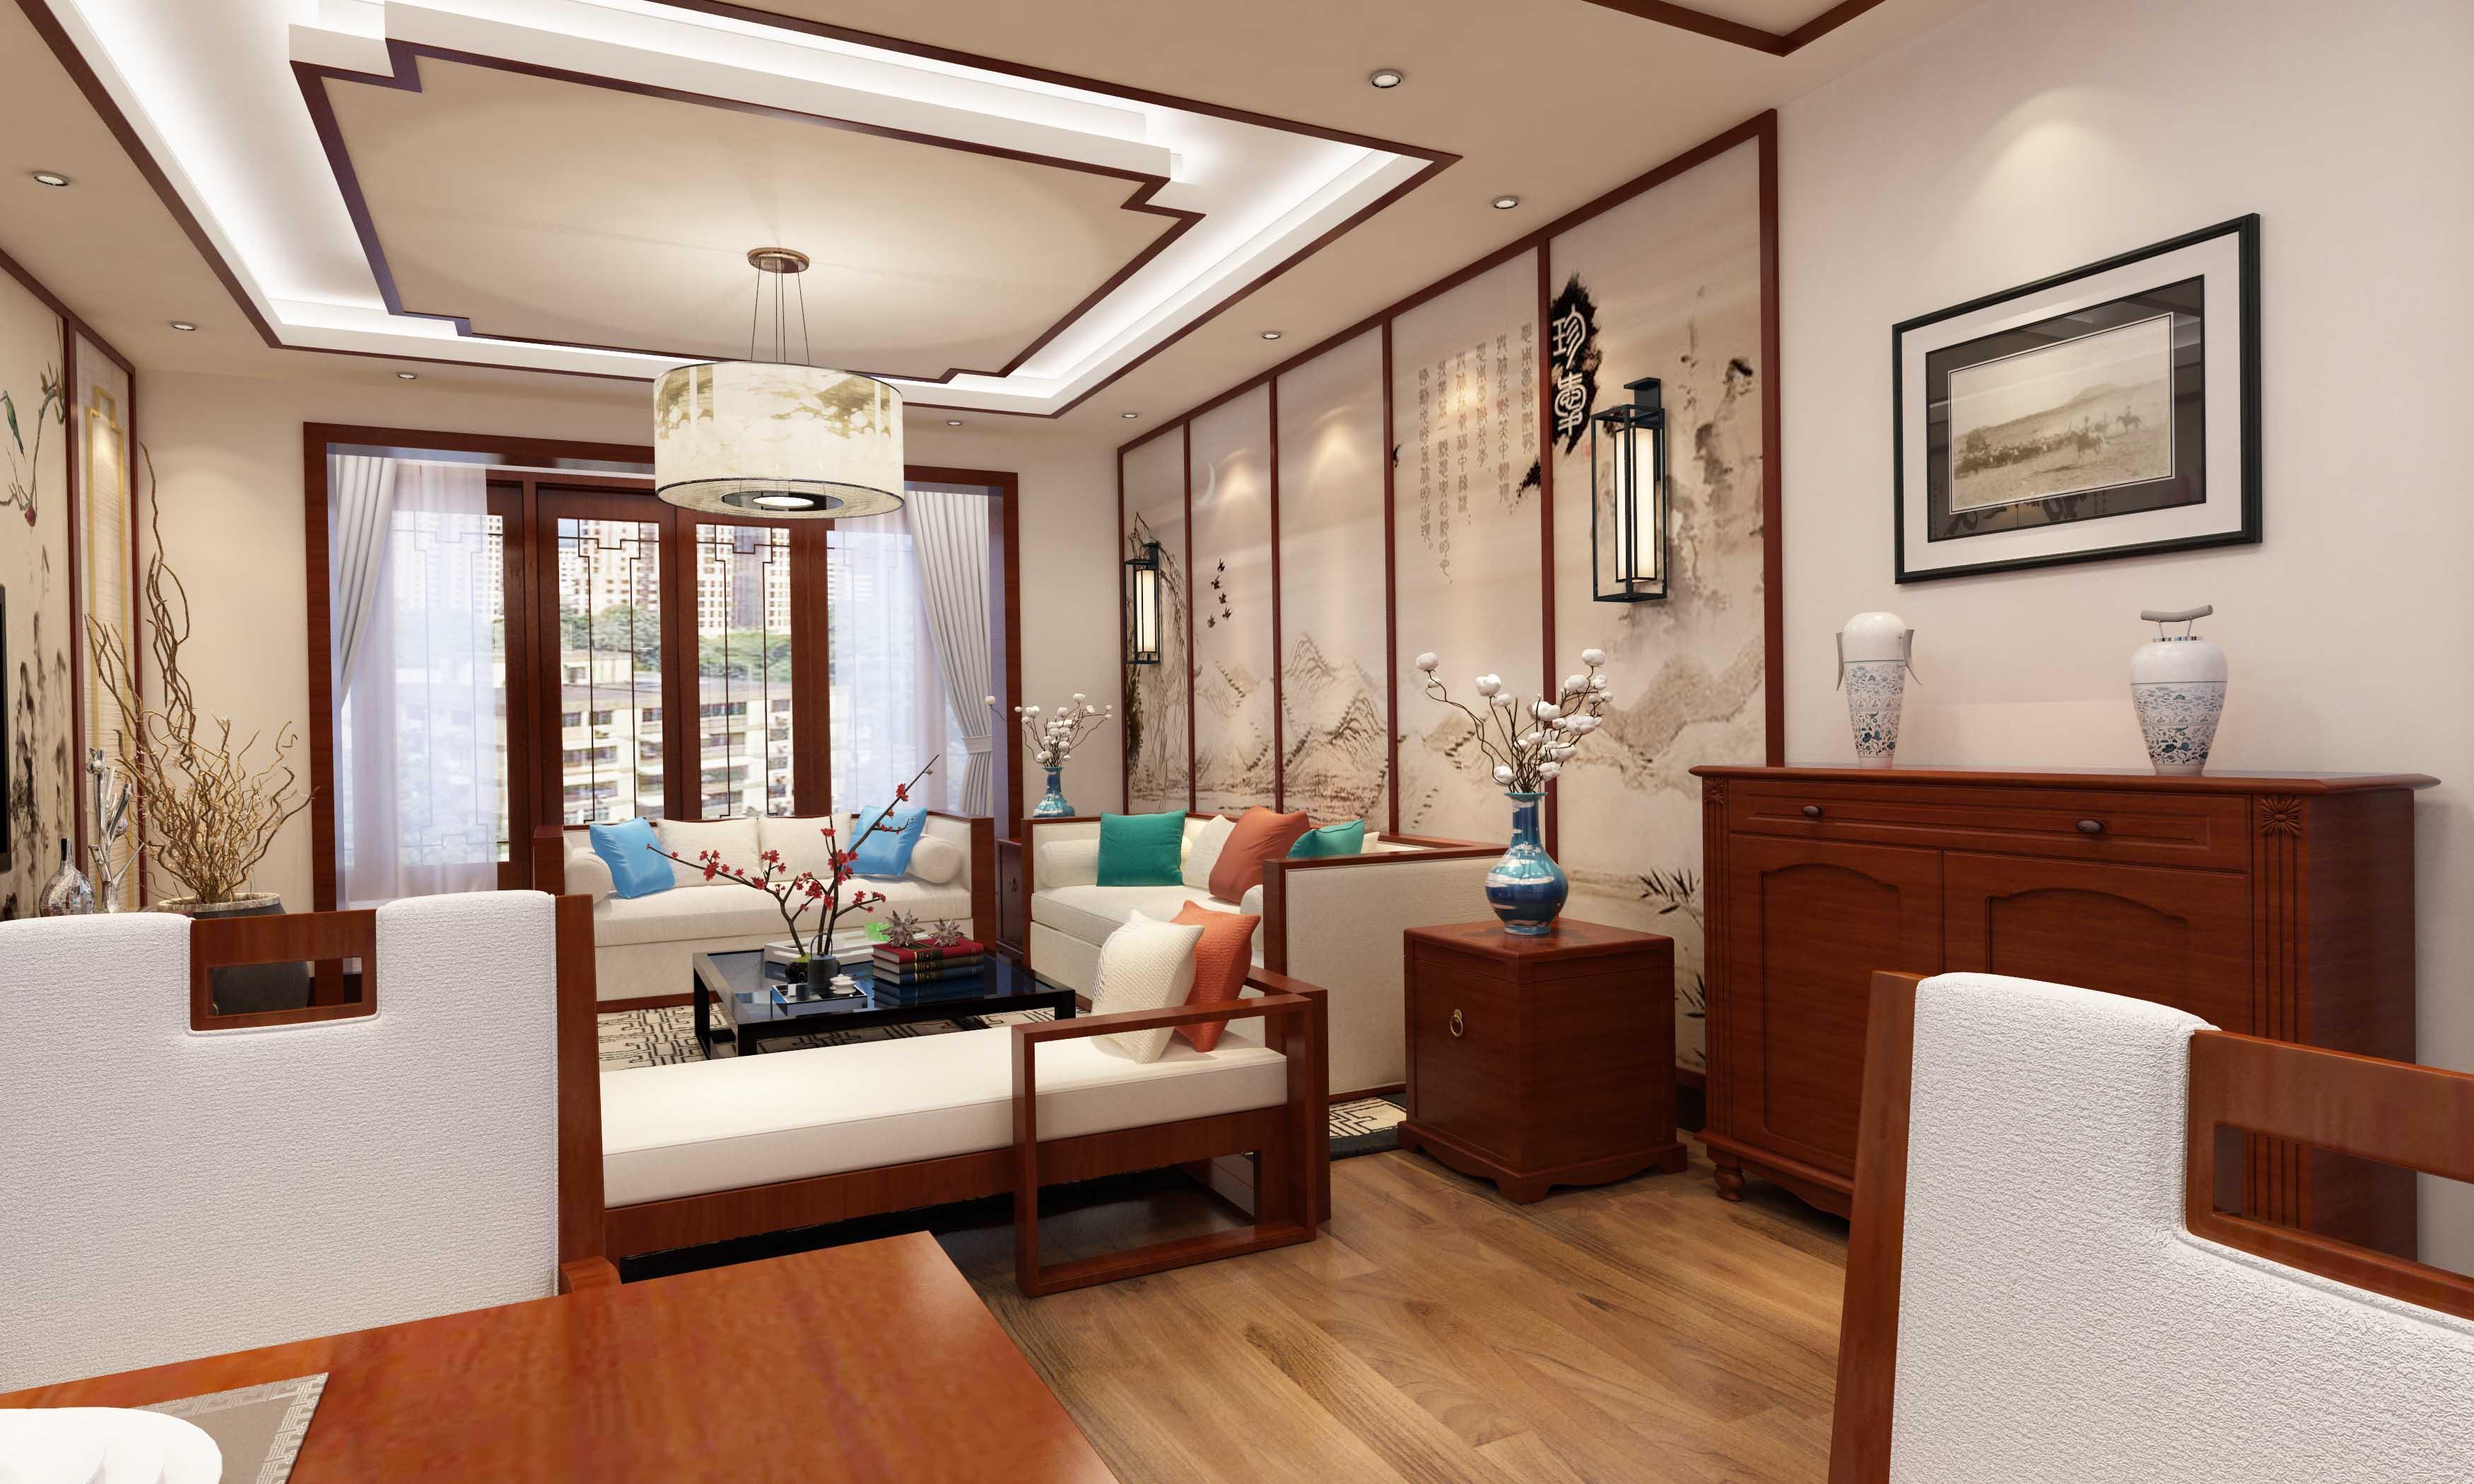 长沙装饰公司丨新房装修完入住有哪些注意事项?